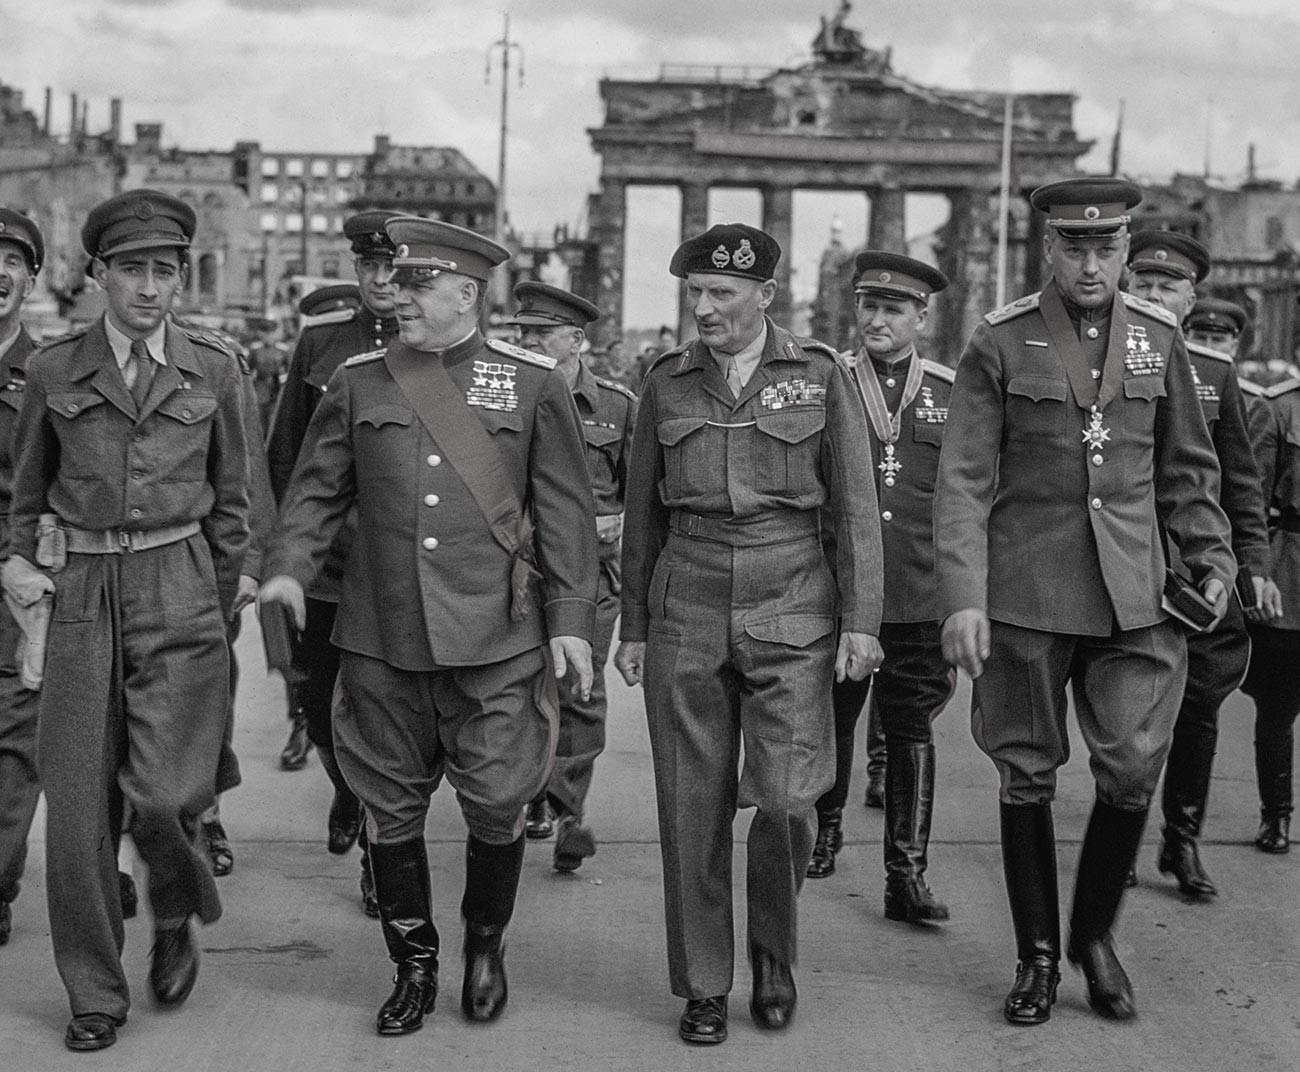 Namestnik vrhovnega poveljnika Rdeče armade Georgij Žukov, poveljnik 21. armadne skupine feldmaršal Bernard Montgomery, maršal. K. Rokosovski in general Rdeče armade Sokolovski zapuščajo Brandenburška vrata po slovesnosti.